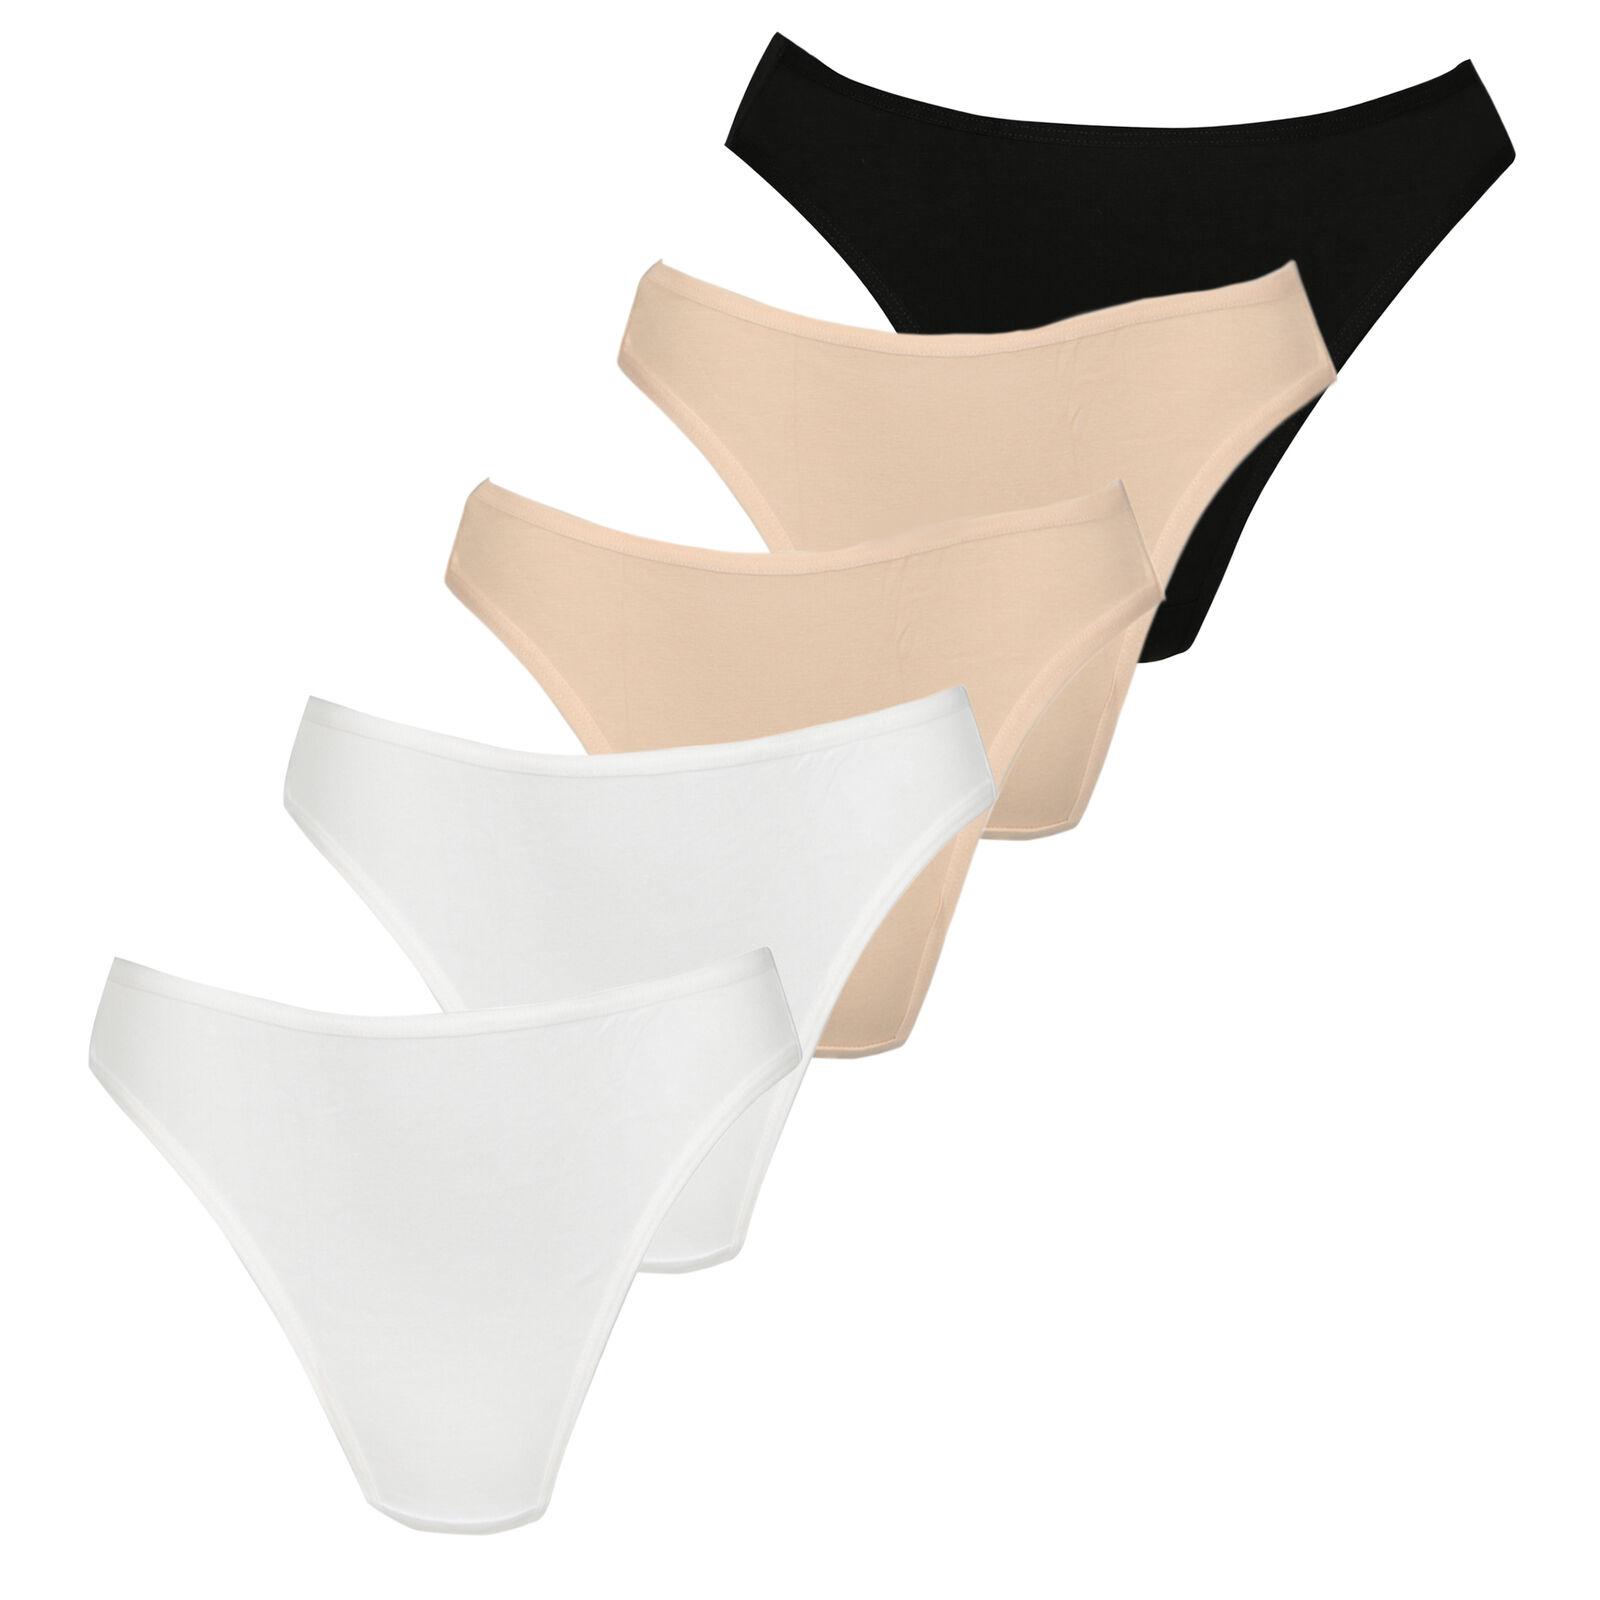 schlüpfer Baumwolle Cotton Panties Unterwäsche 5er oder  3er Slips Hipster